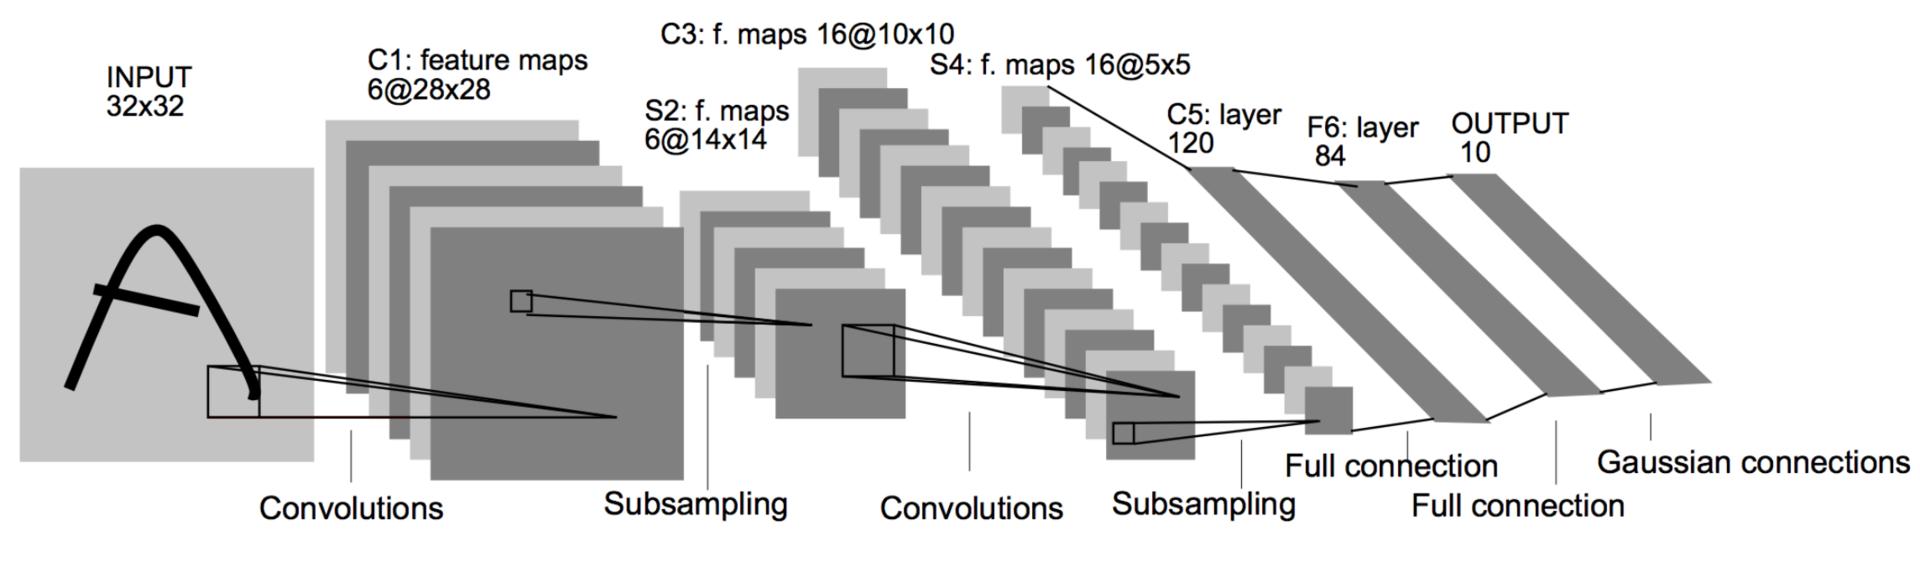 Обзор топологий глубоких сверточных нейронных сетей - 5